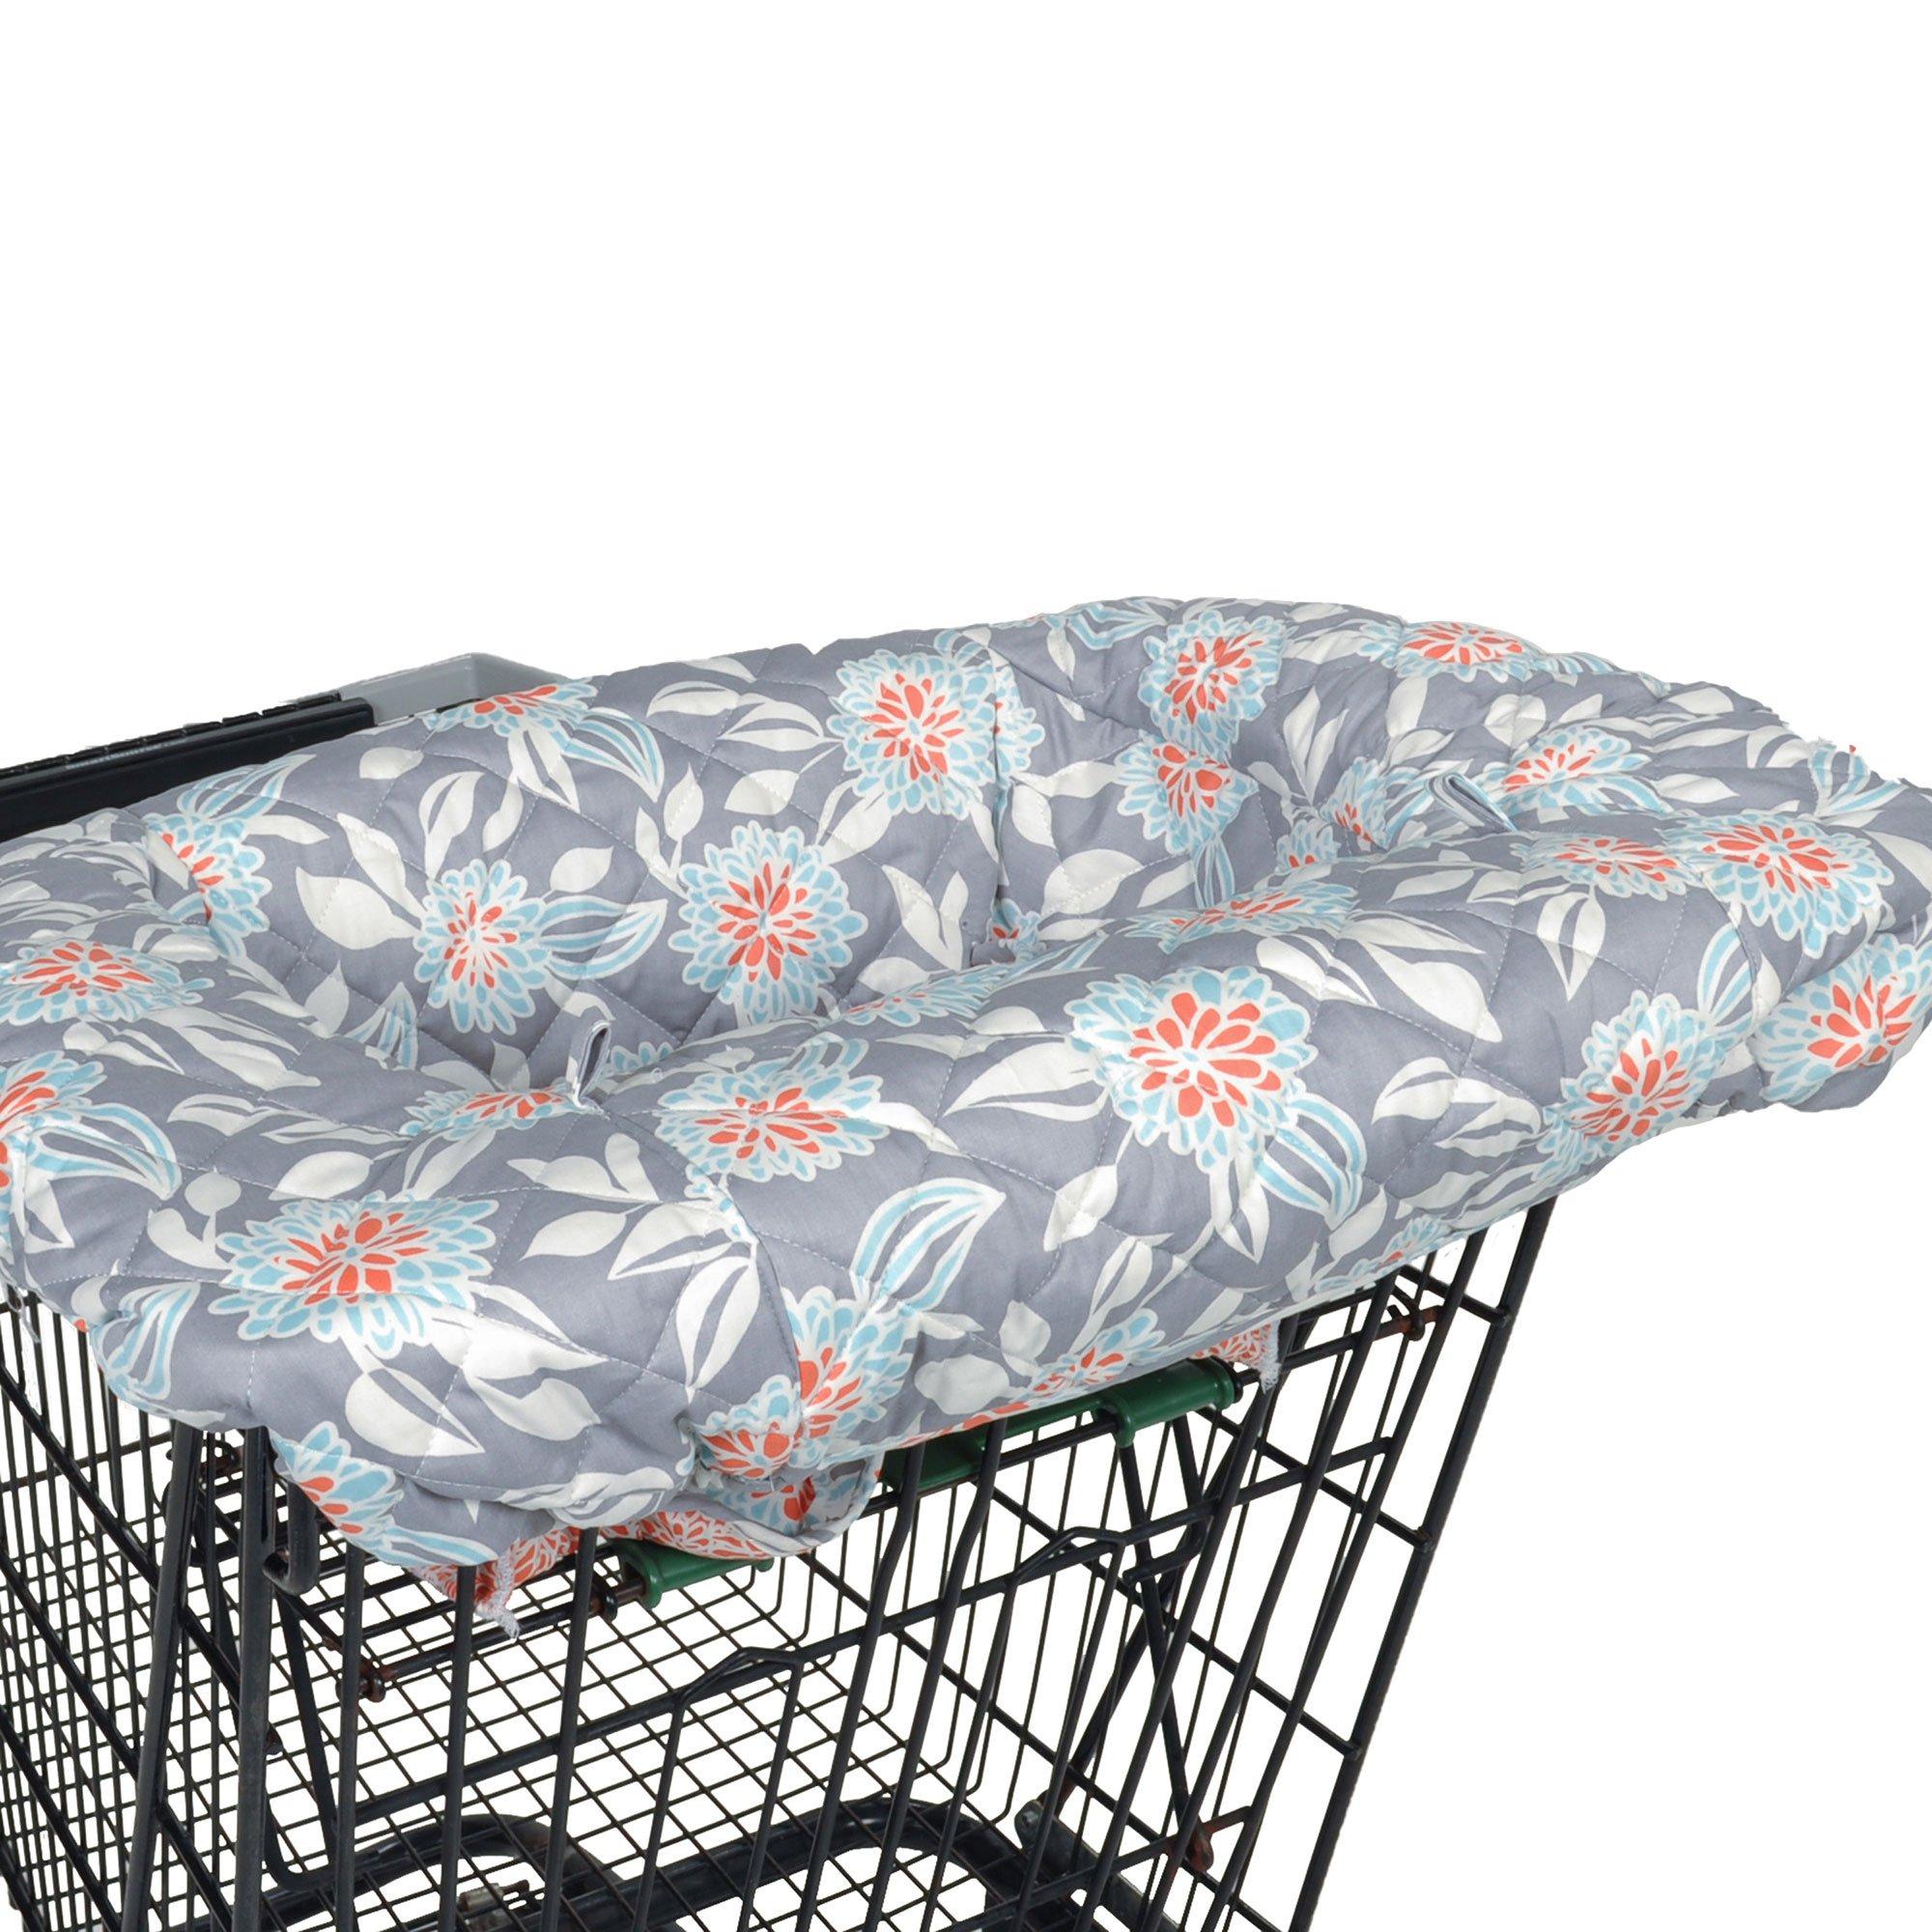 Balboa Baby Shopping Cart & High Chair Cover - Grey Dahlia